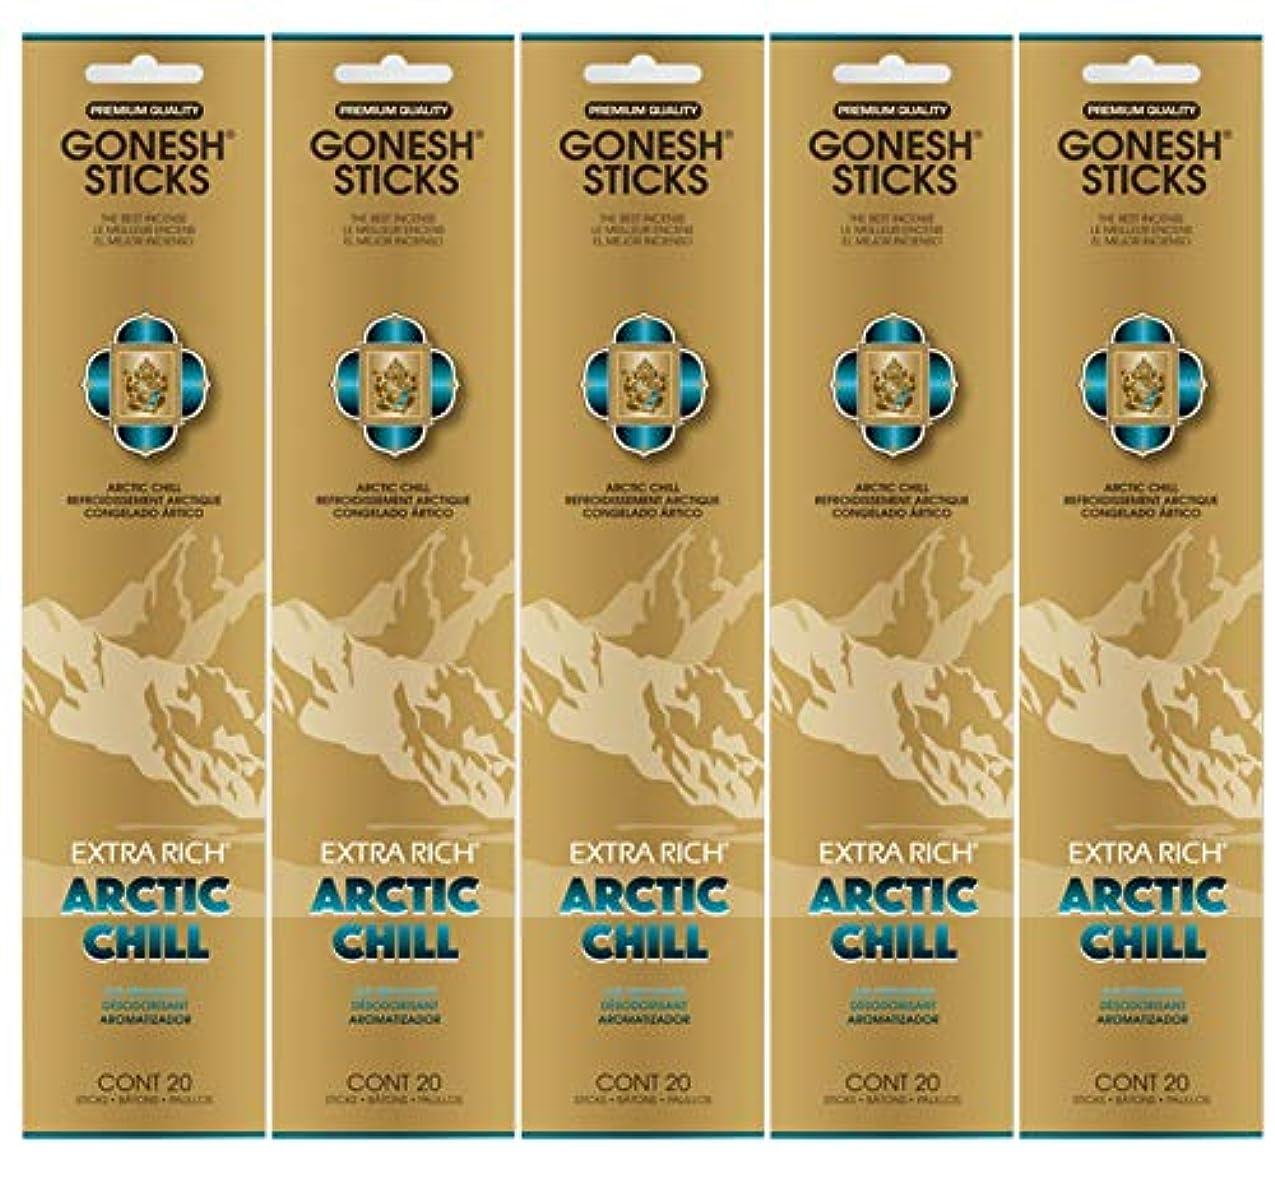 キロメートルシール権威Gonesh お香スティック エクストラリッチコレクション - Arctic Chill 5パック (合計100本)